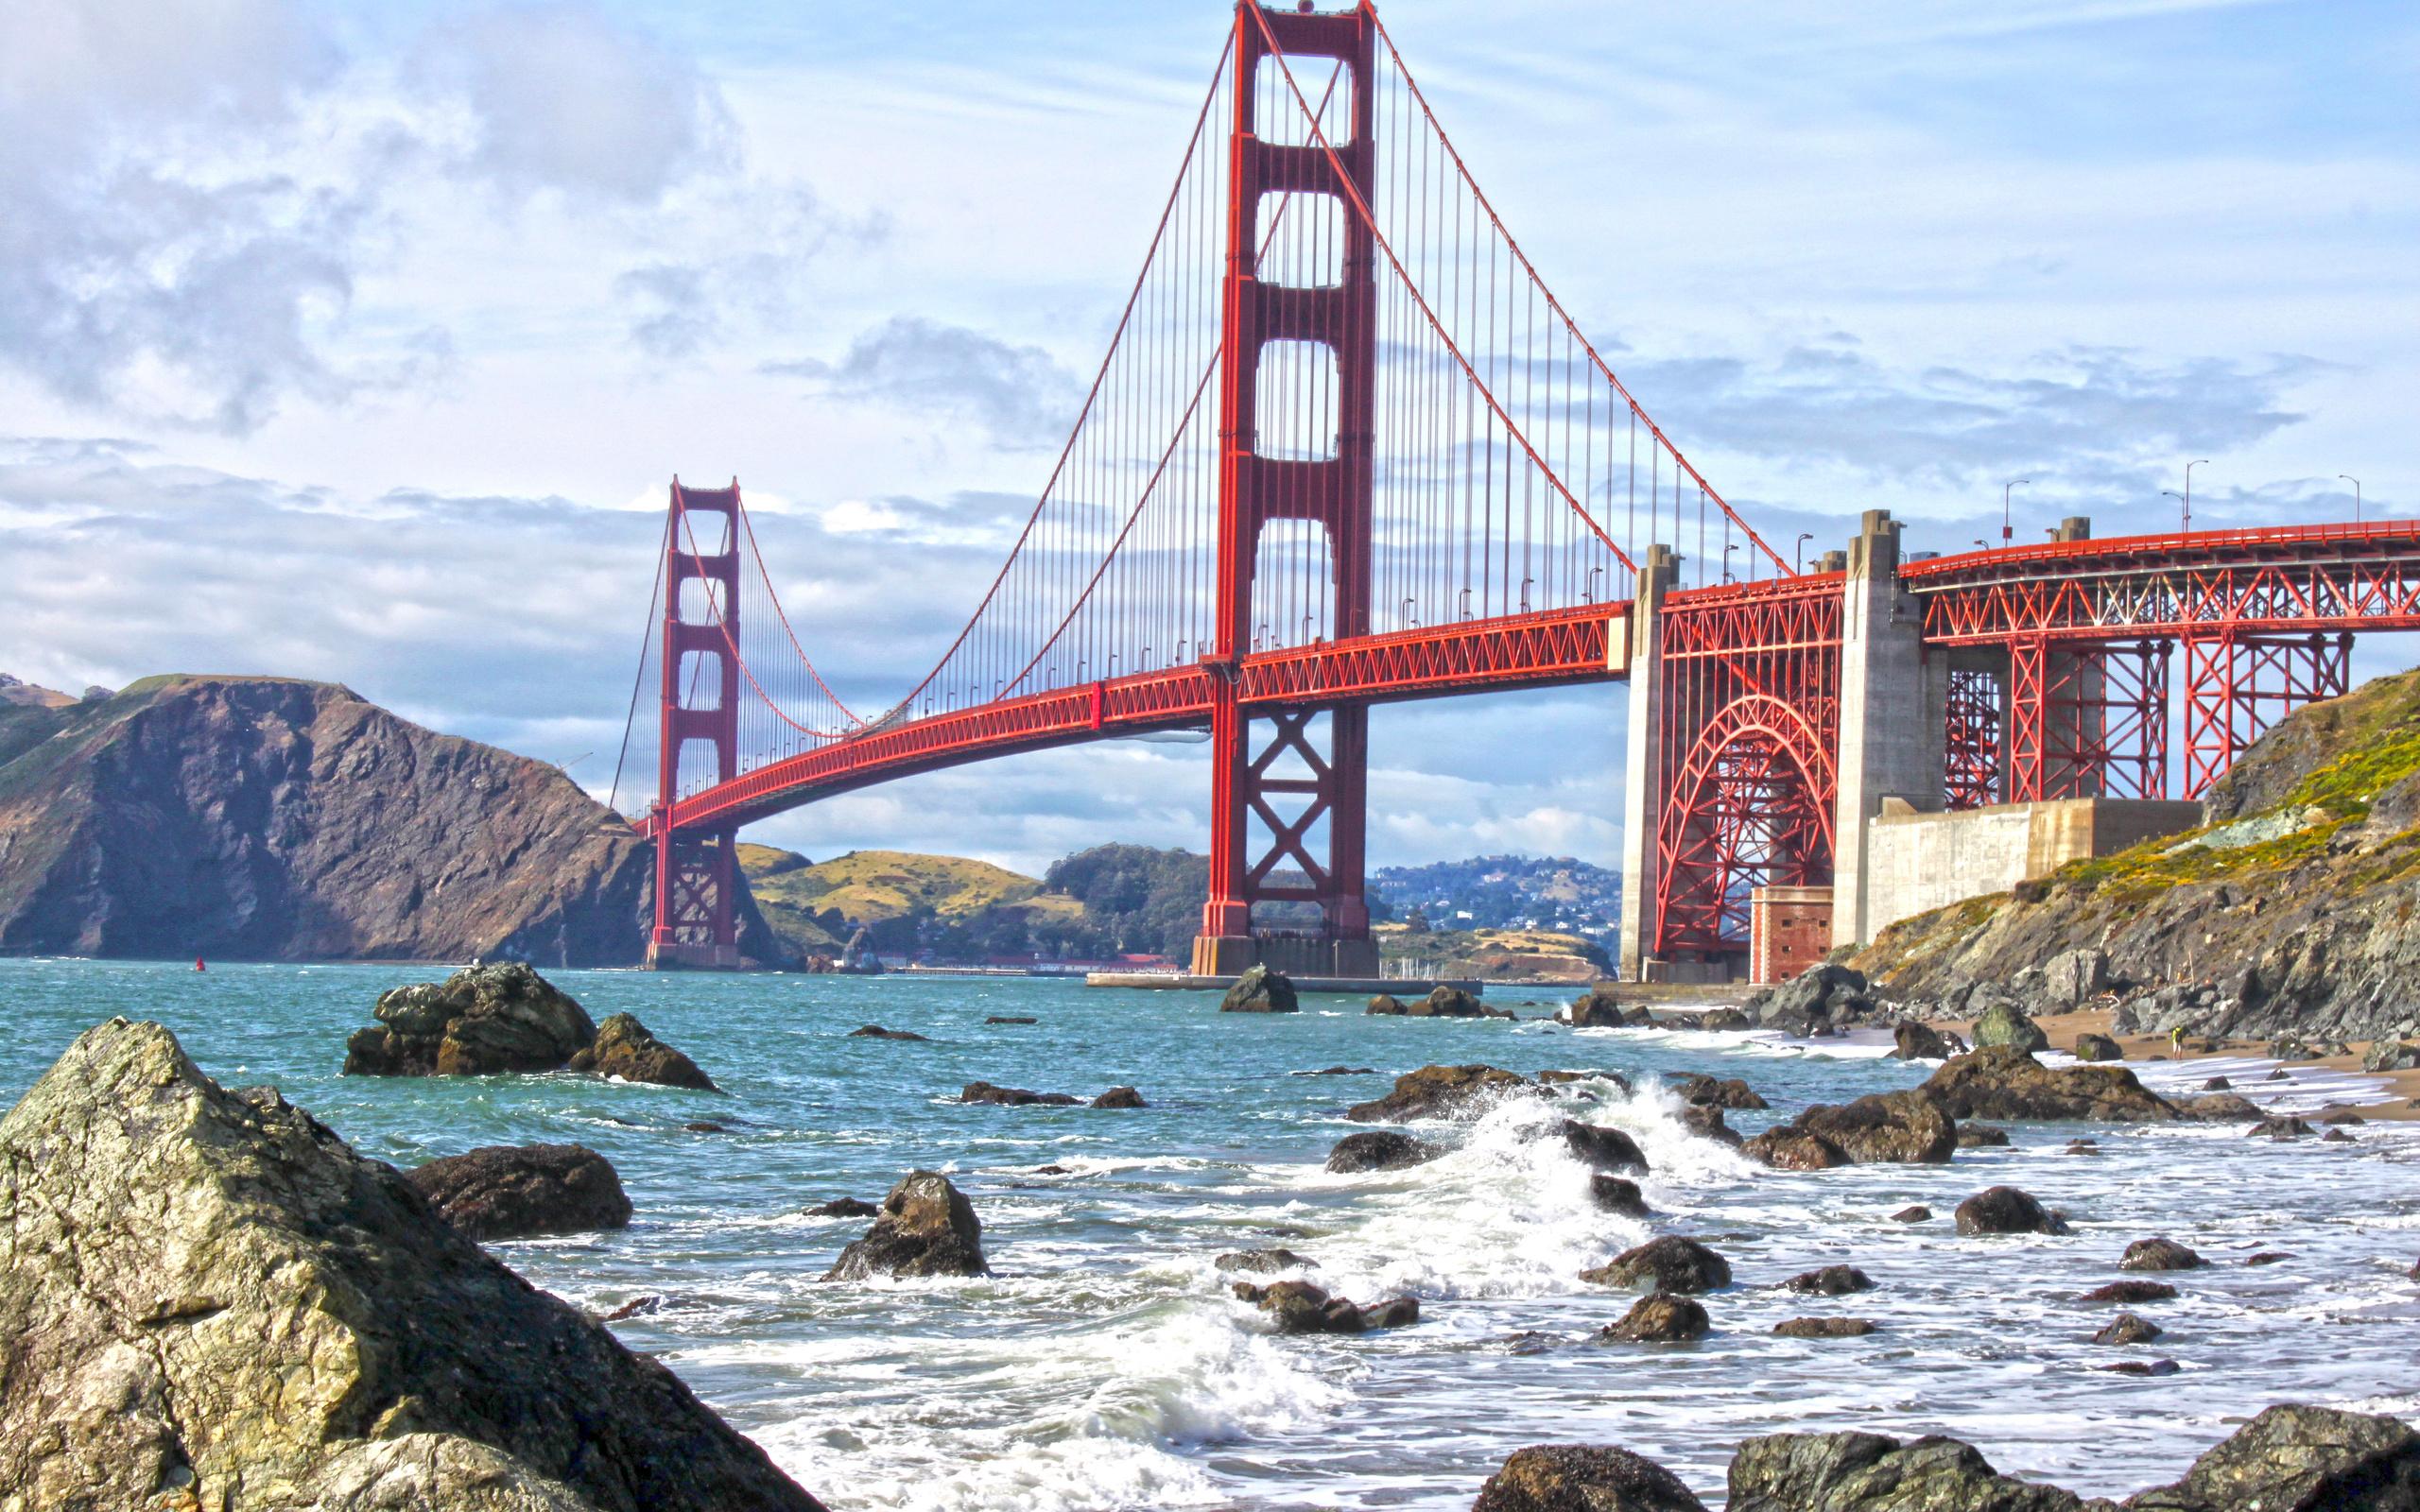 San Francisco Bridge Wallpaper - WallpaperSafari